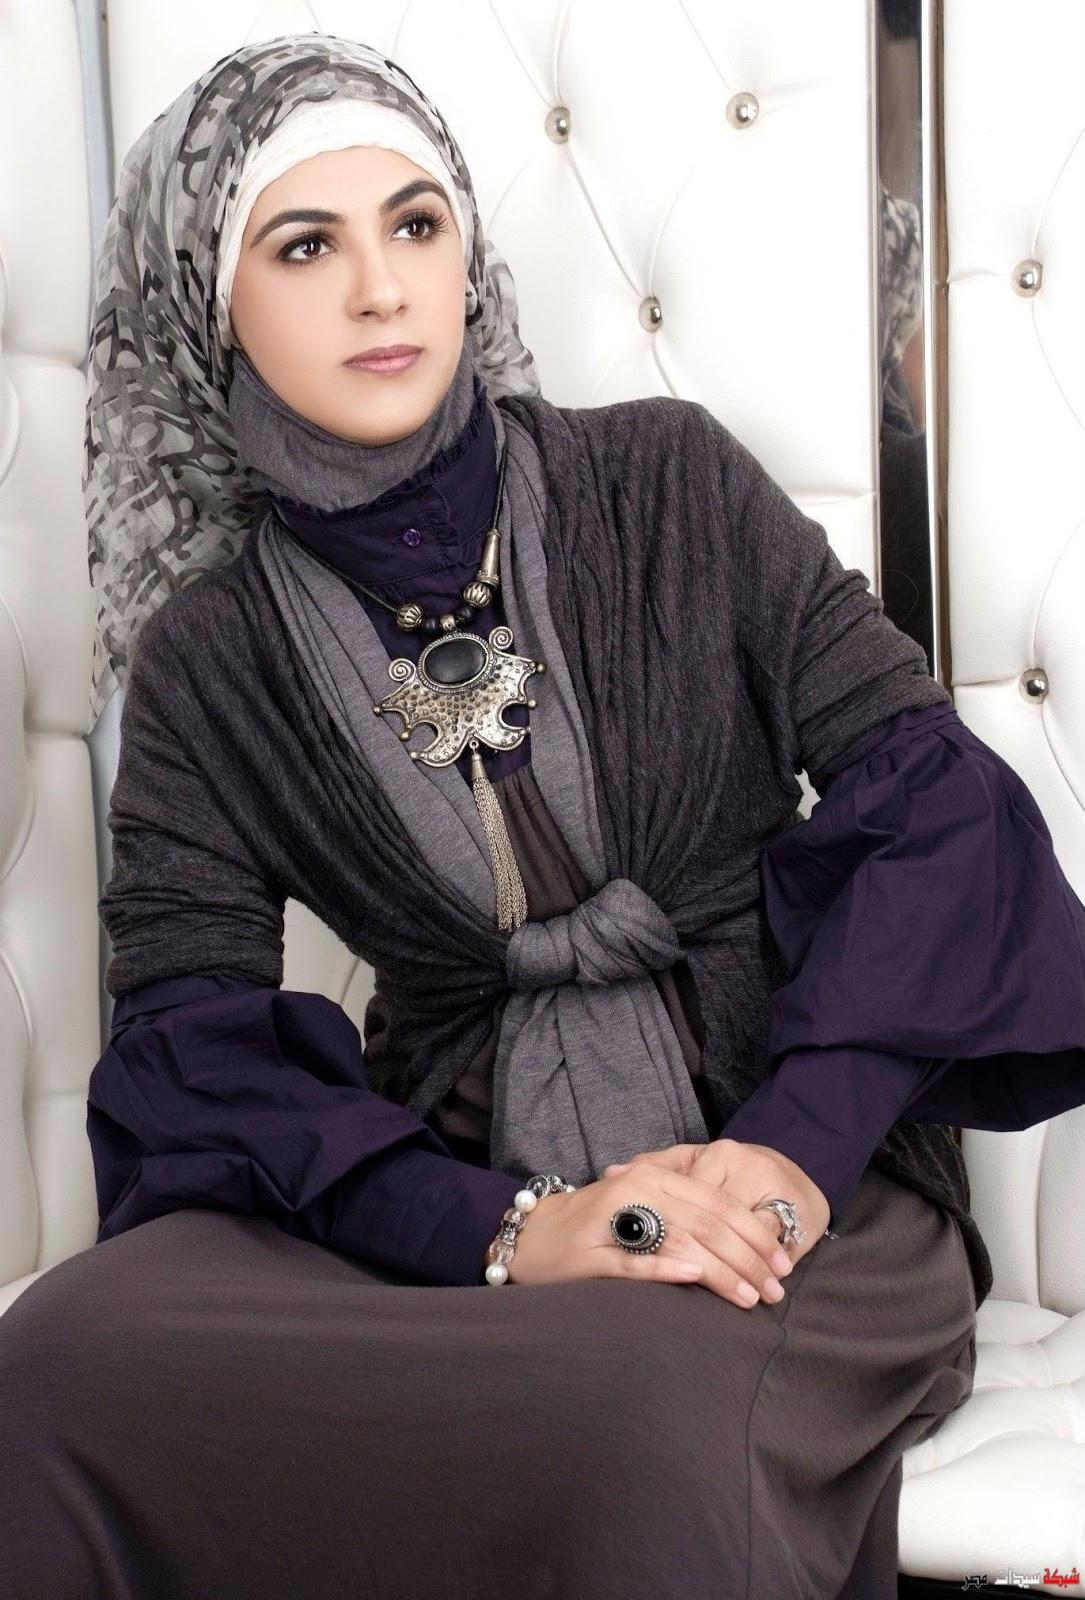 بالصور صورجميلة بنات محجبات , اجمل موضه للملابس المحجبات 3573 2